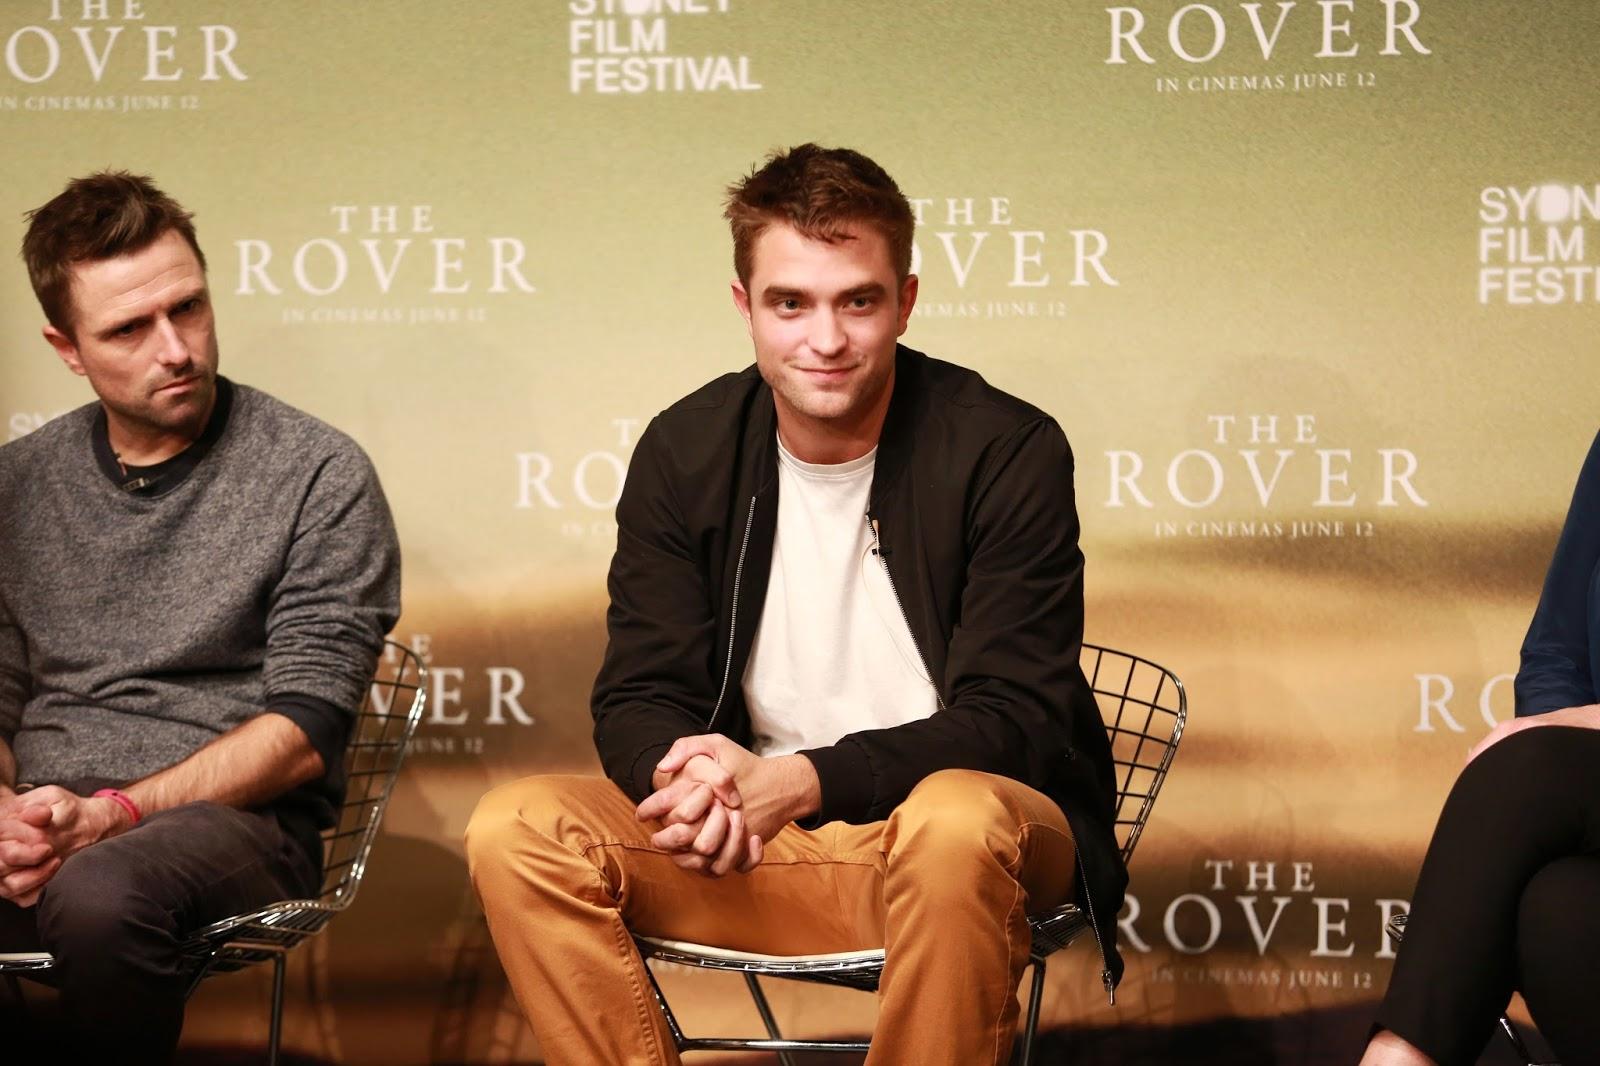 """Robert fala sobre sua carreira em entrevista para o Mornings: """"Definitivamente uma jornada inesperada"""""""